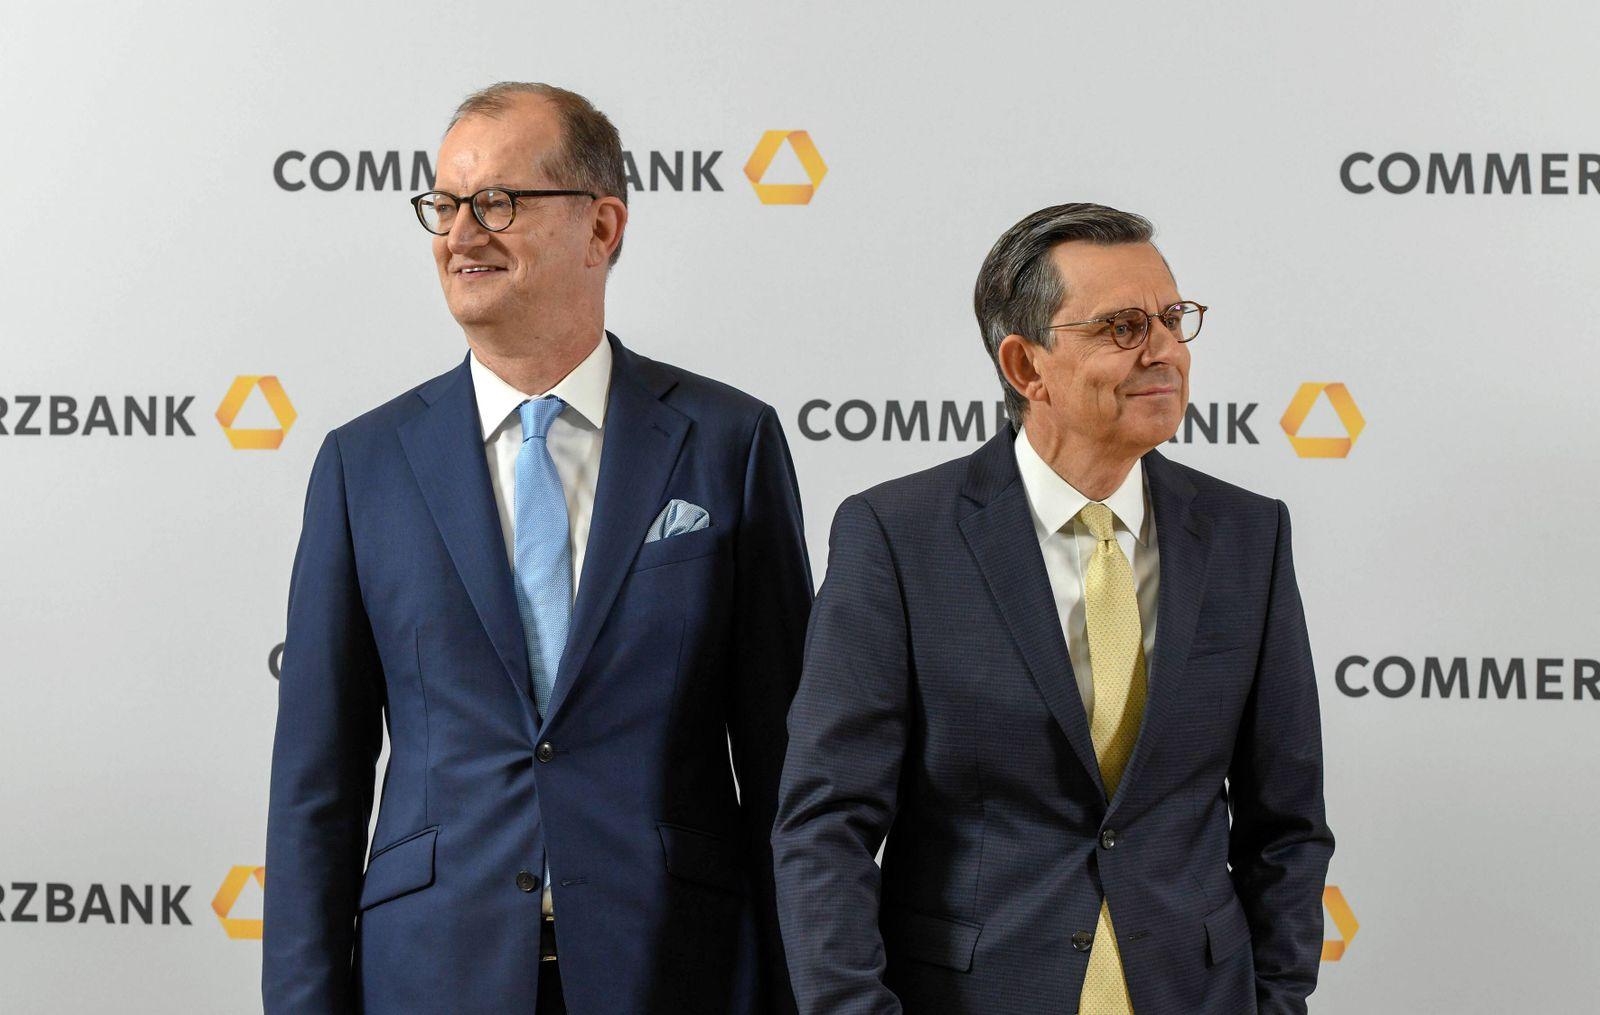 Martin Zielke / Stefan Schmittmann